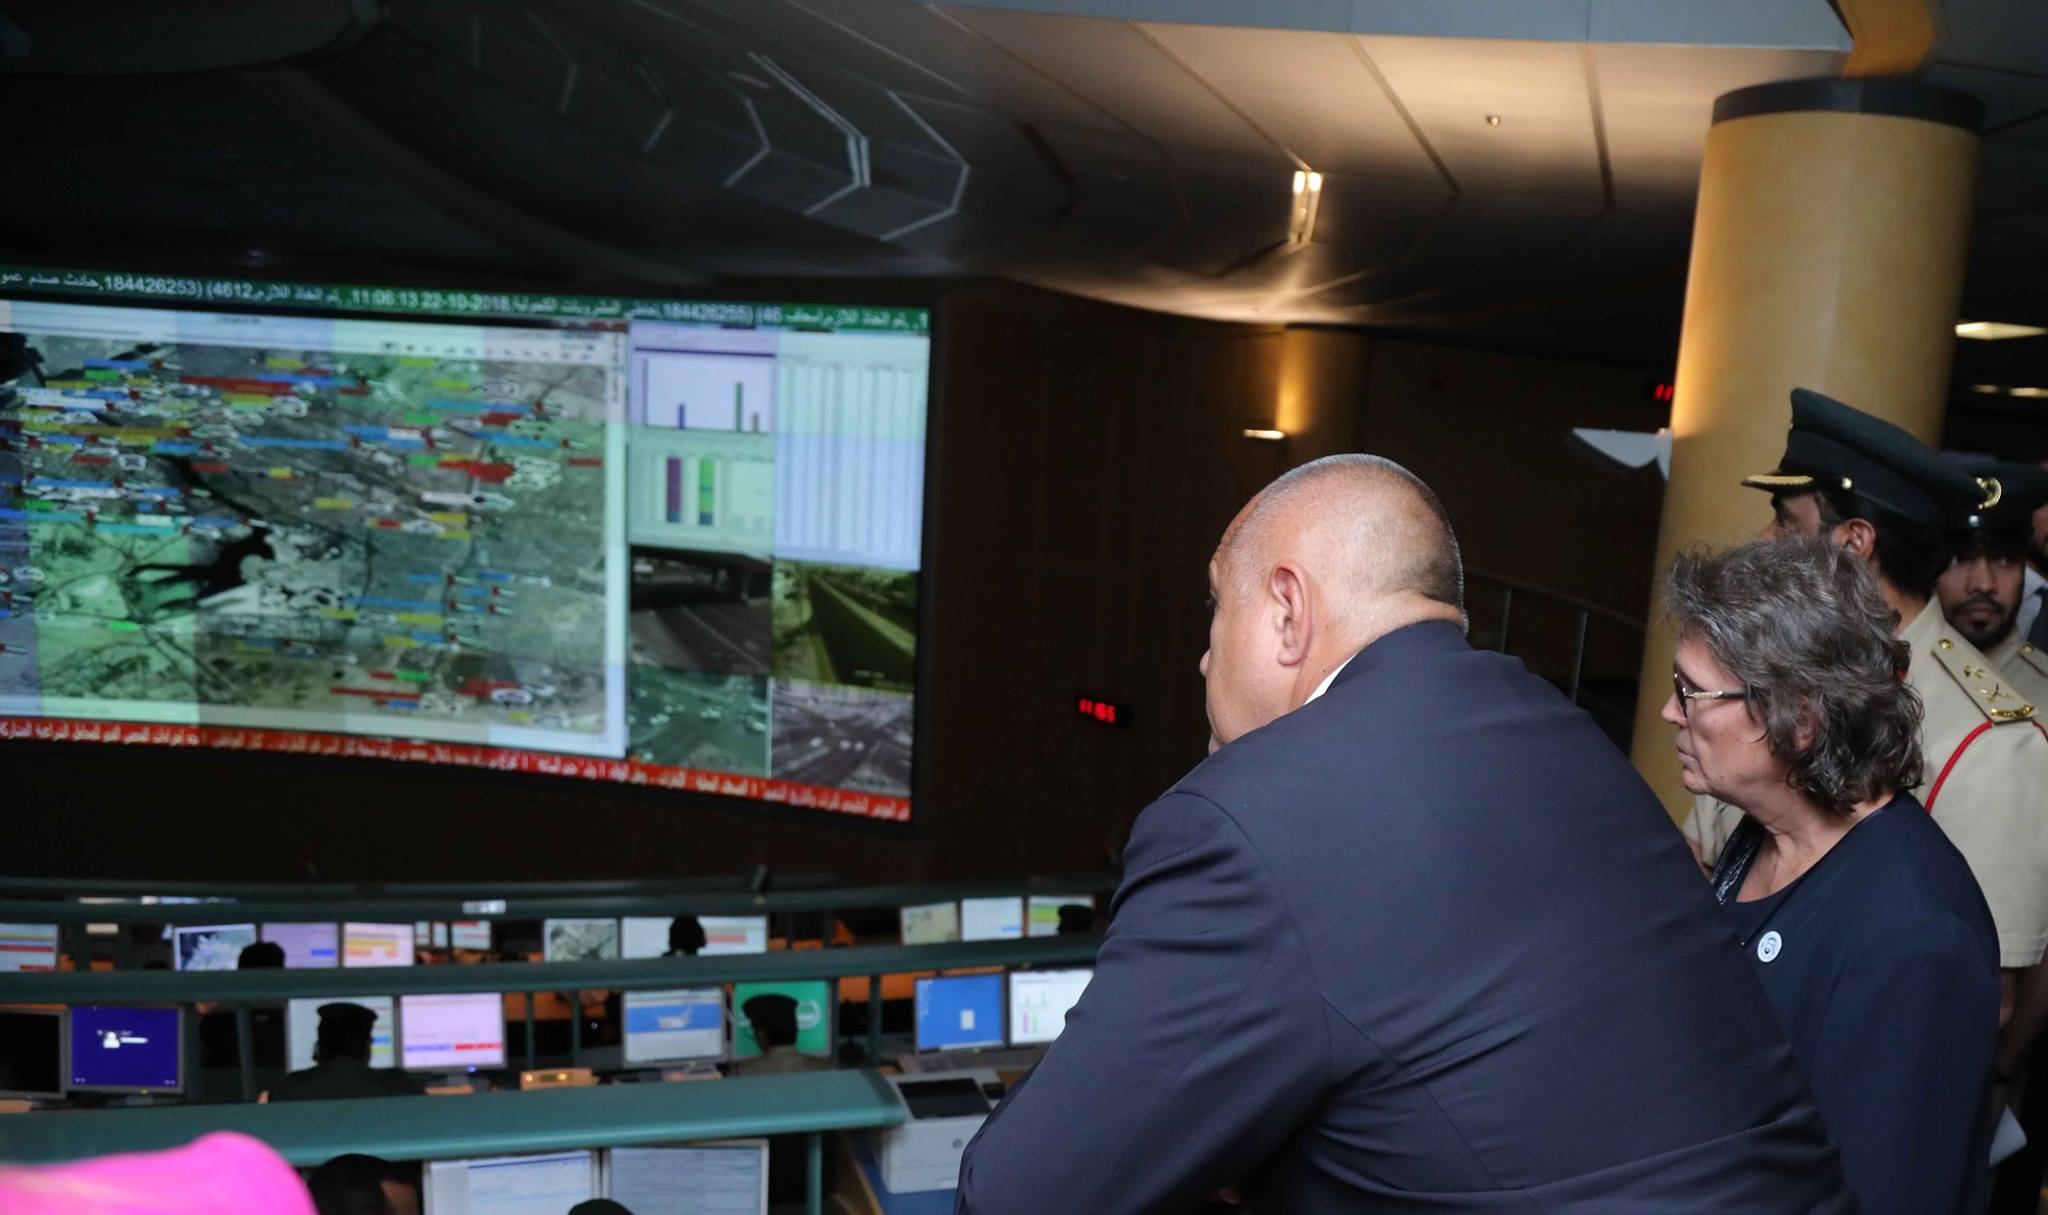 Премиерът Бойко Борисов посети Центъра по операциите на полицията в Дубай и там подкара луксозна патрулна кола.